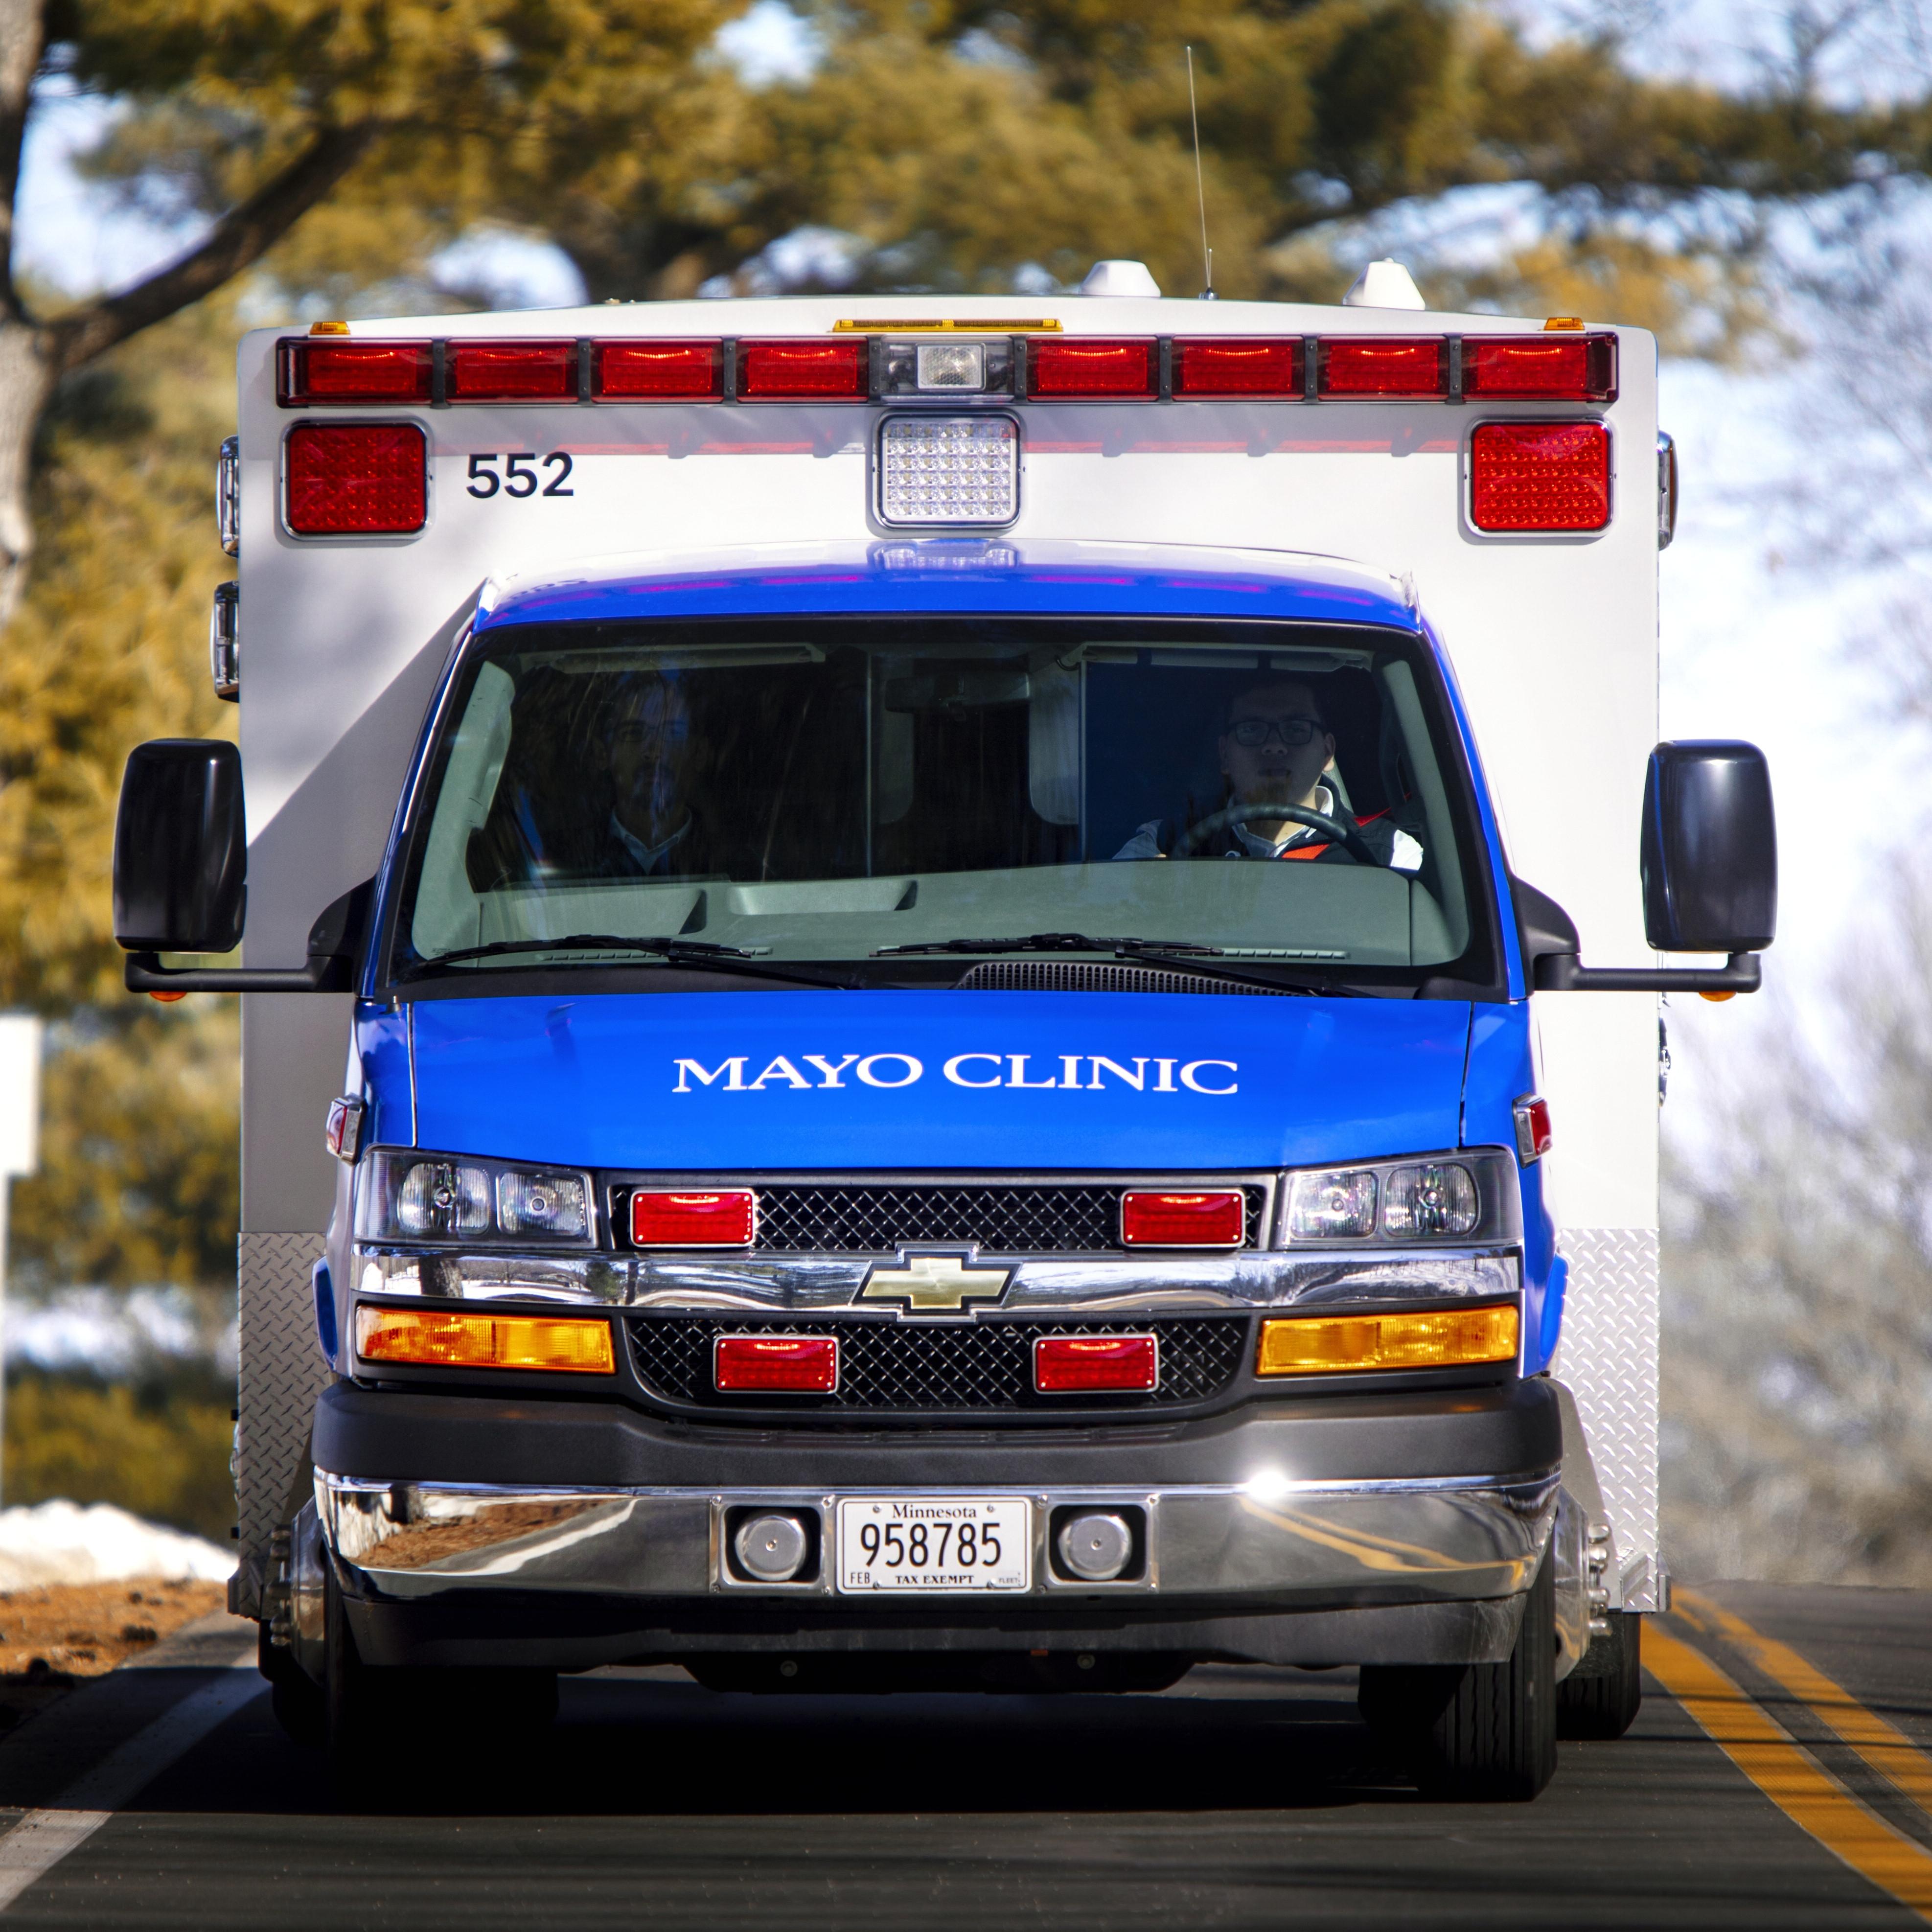 Mayo Clinic Ambulance